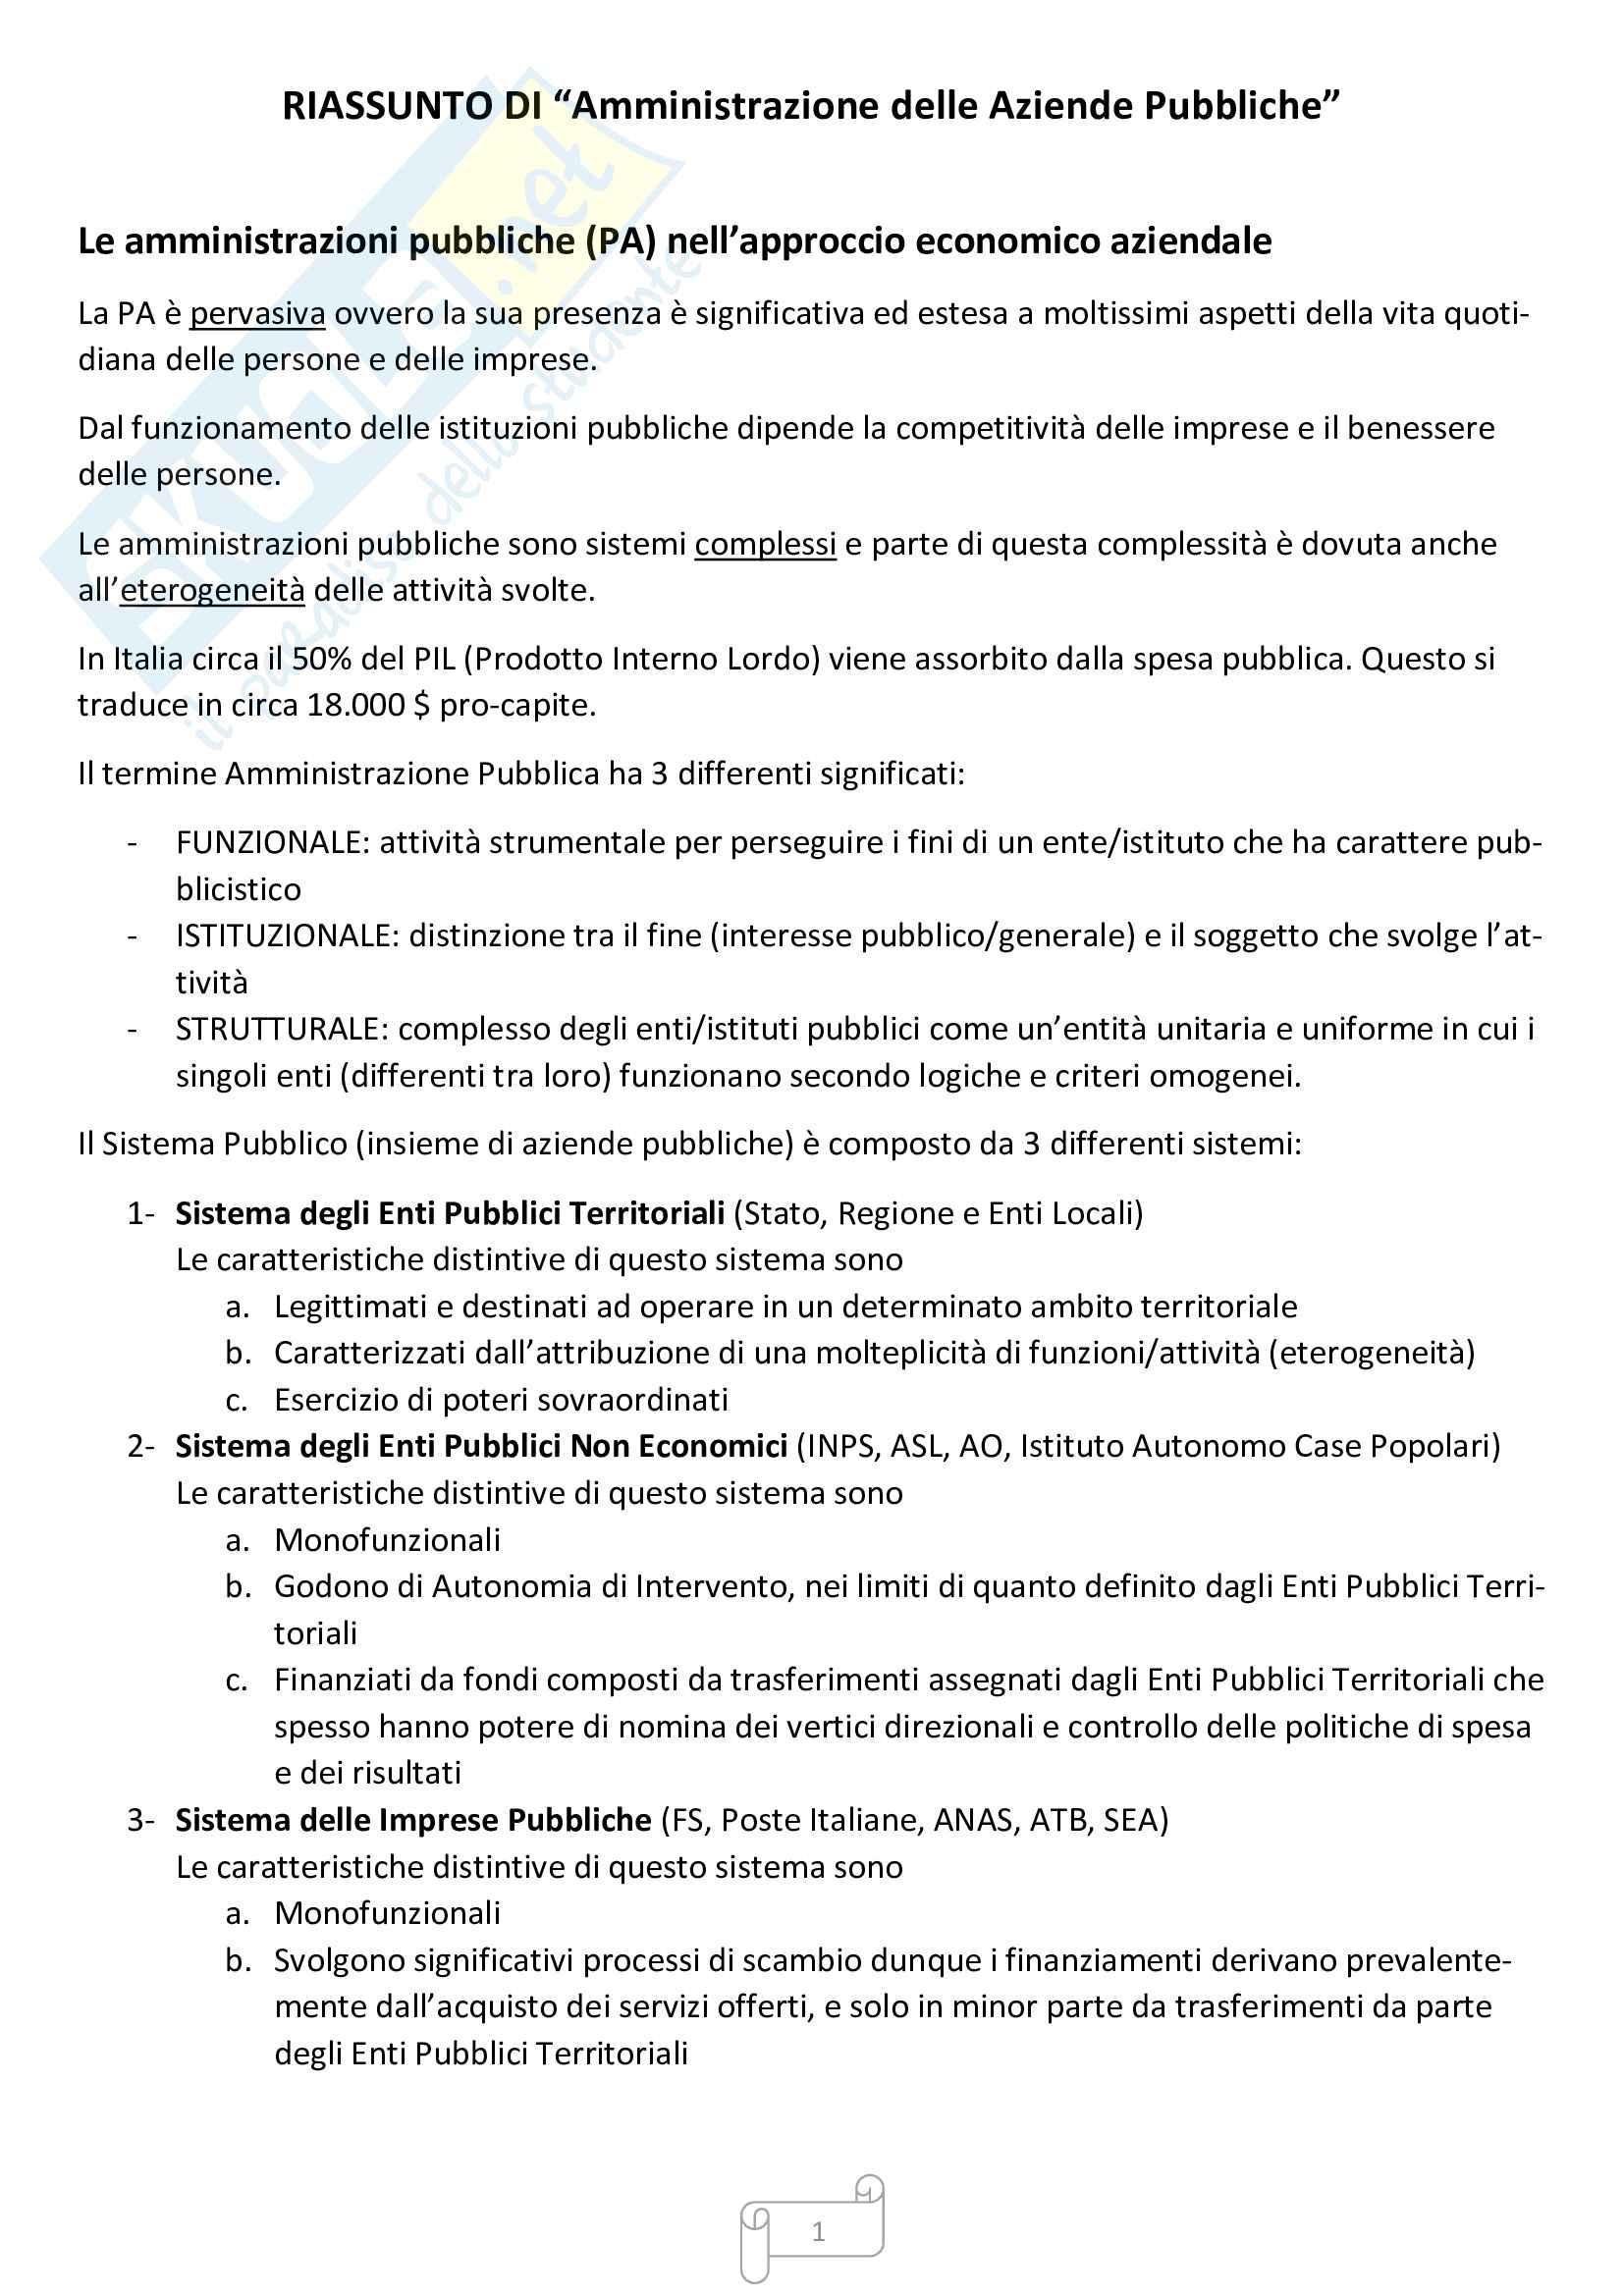 Appunti amministrazione delle aziende pubbliche